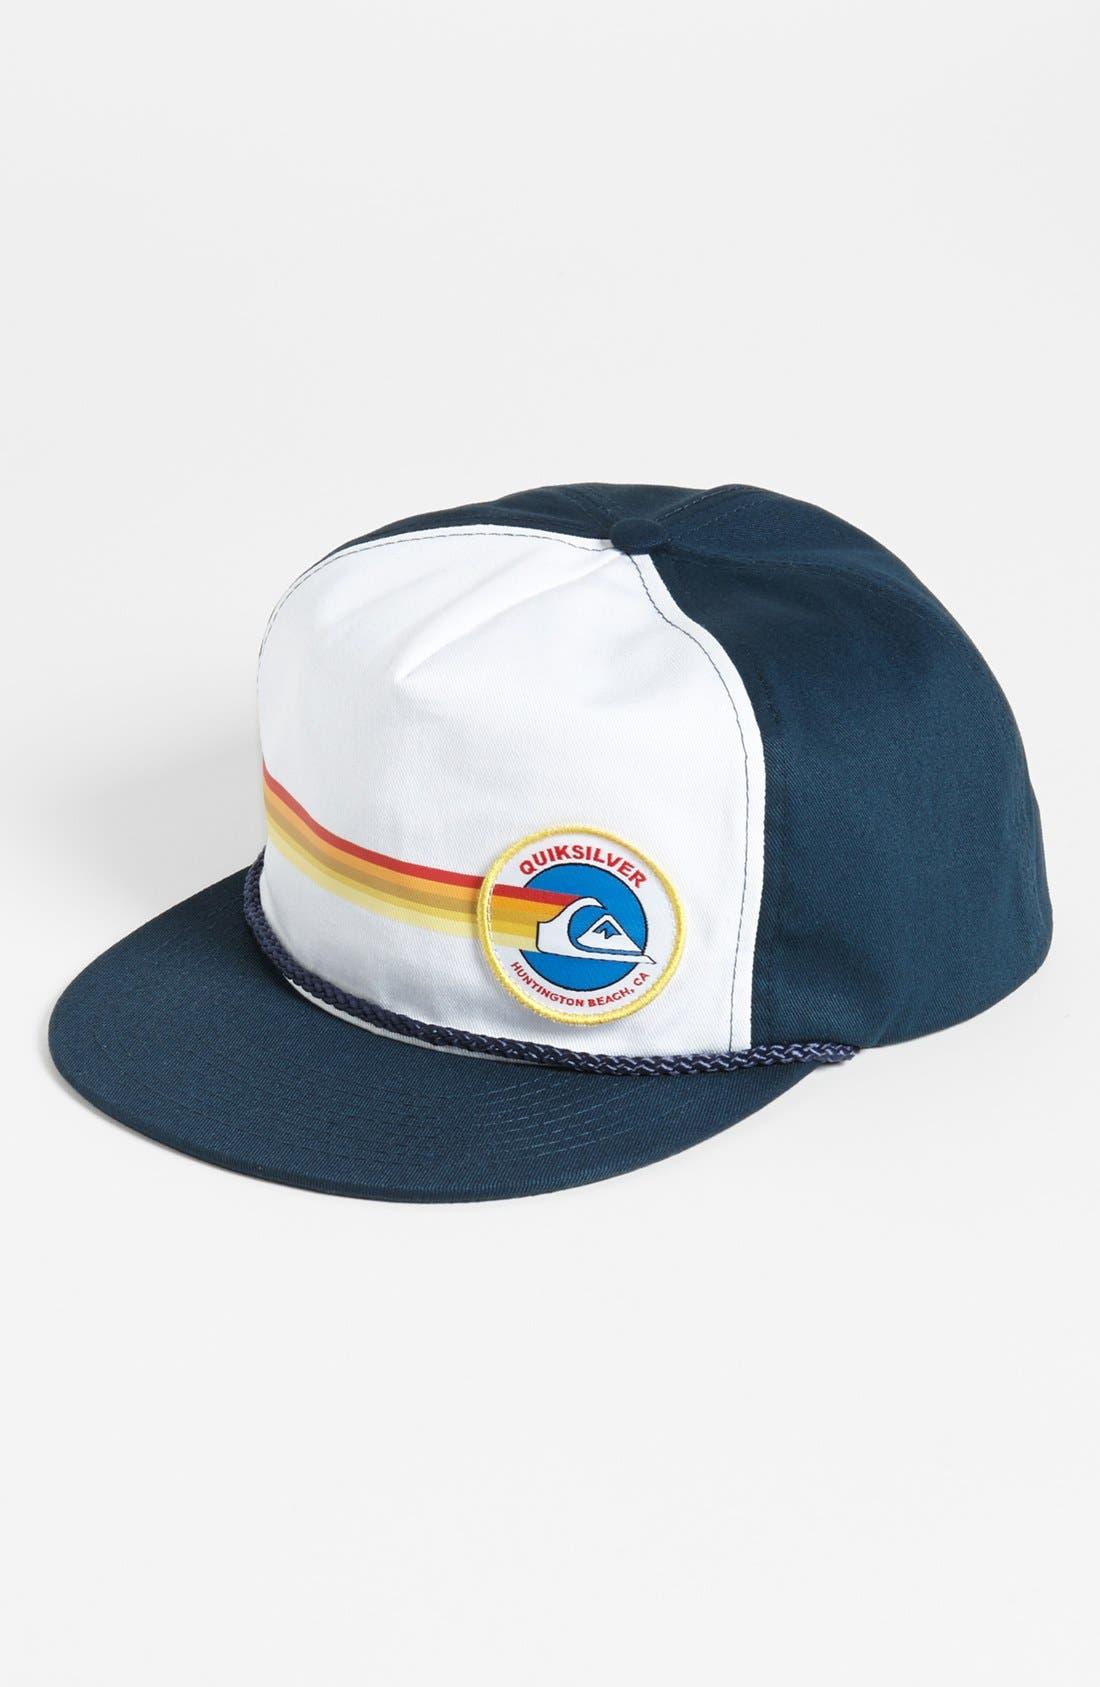 Alternate Image 1 Selected - Quiksilver 'Reef Rash' Baseball Cap